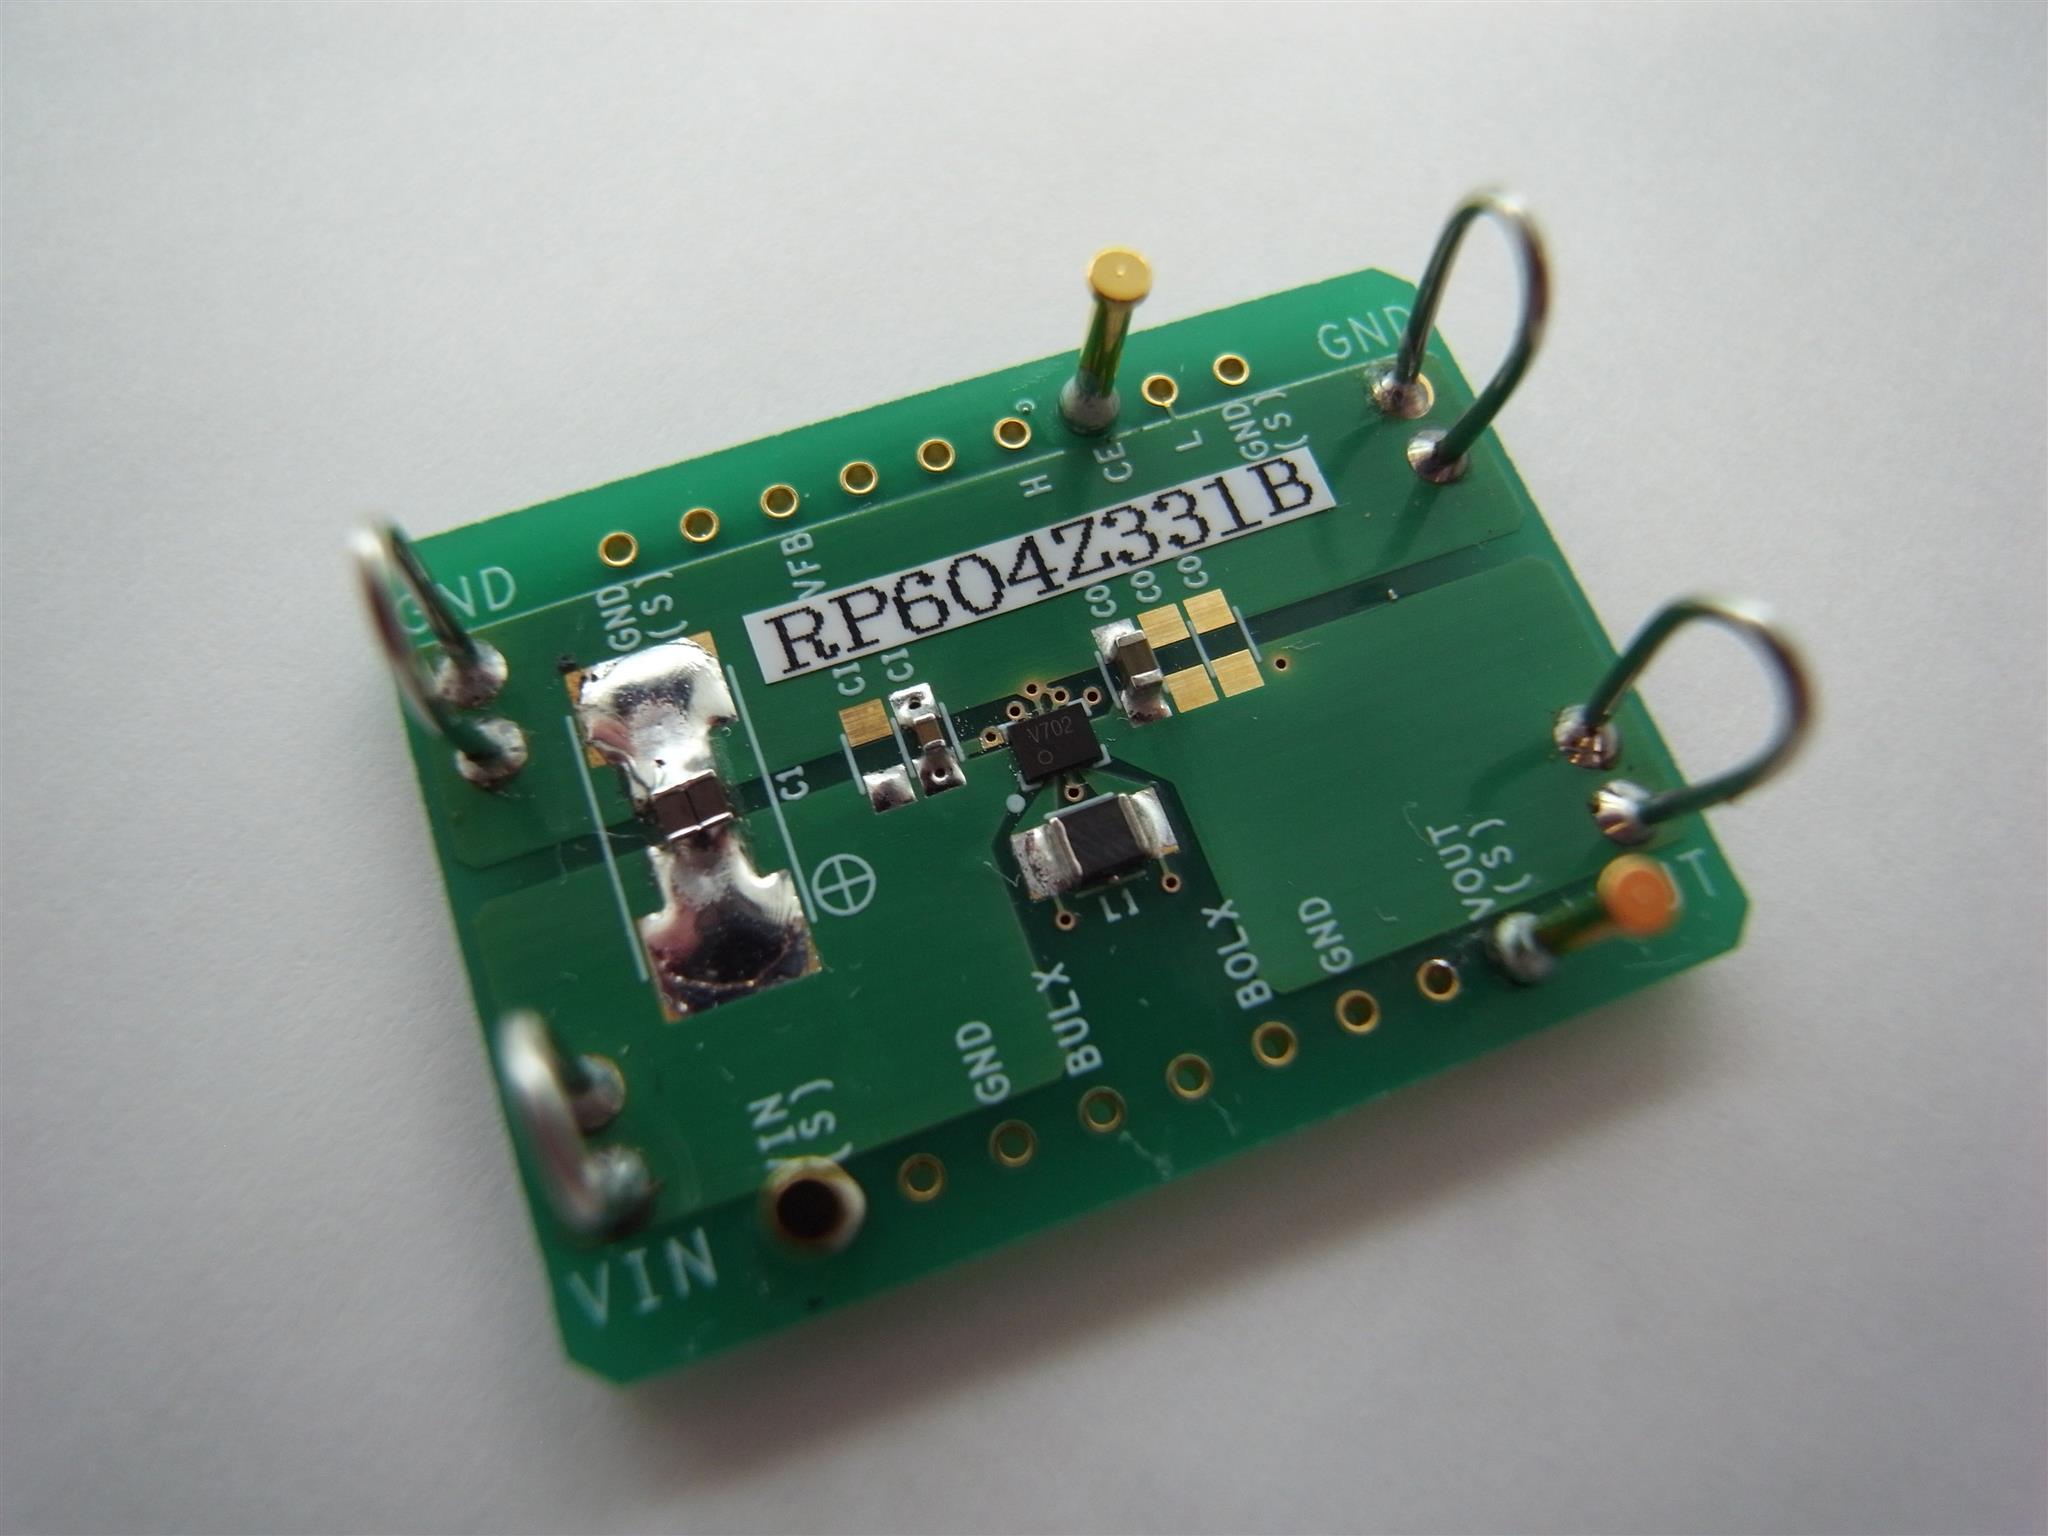 RP604Zxxxx-BOARD